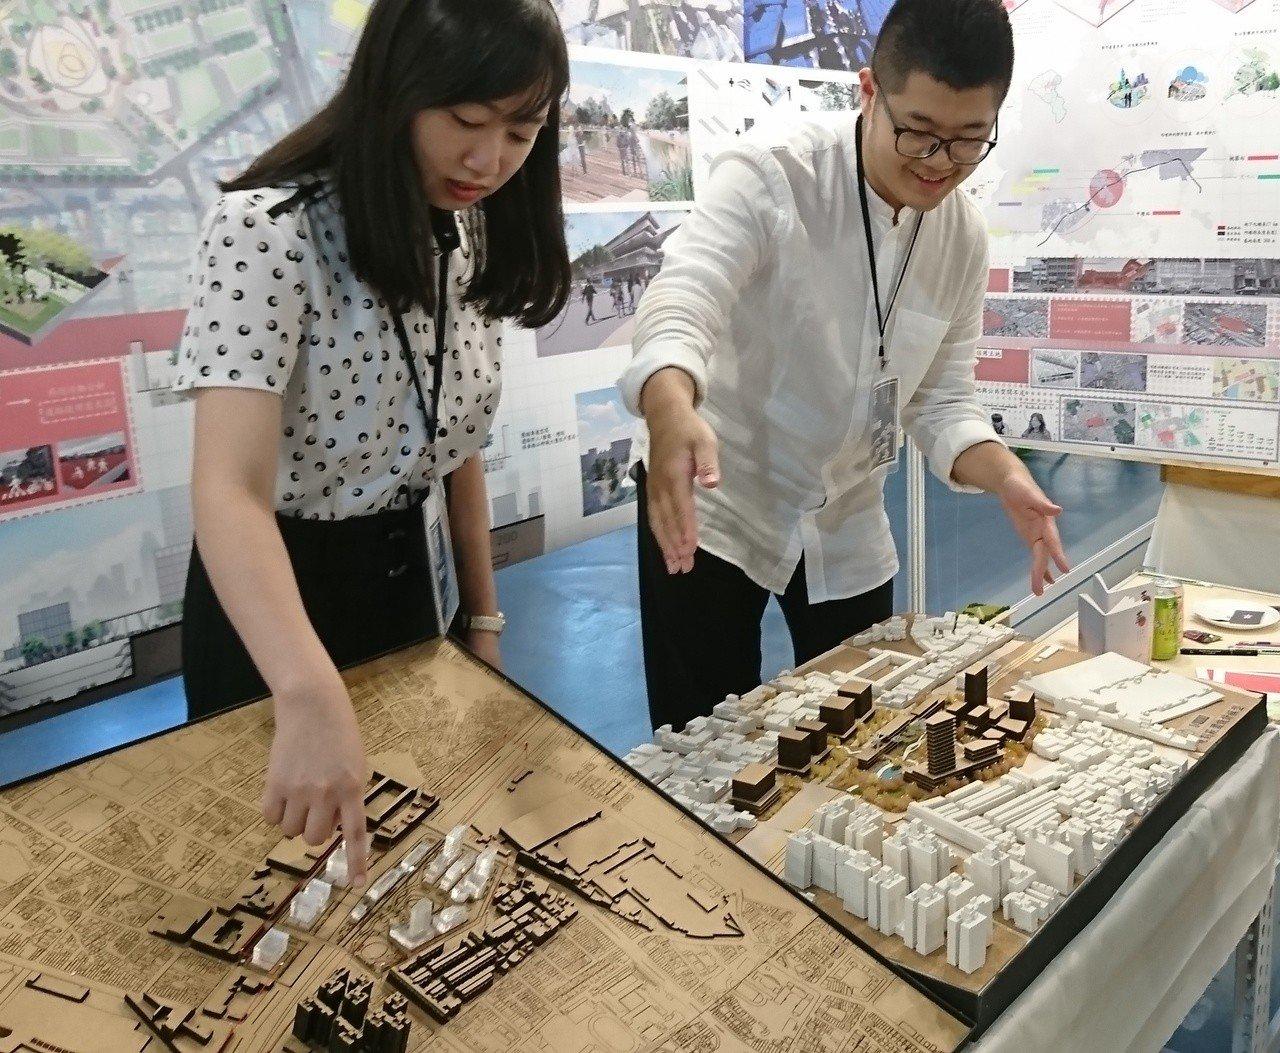 詹筌(左)和張峻豪(右)的畢設作品「新內話-鐵路地下化後內壢城鎮核心再造」。